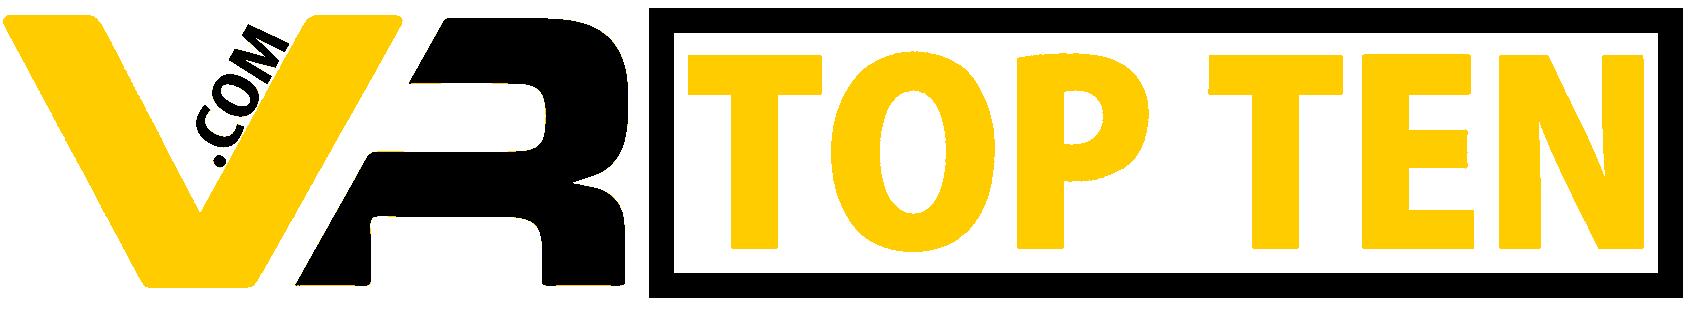 VR Top Ten